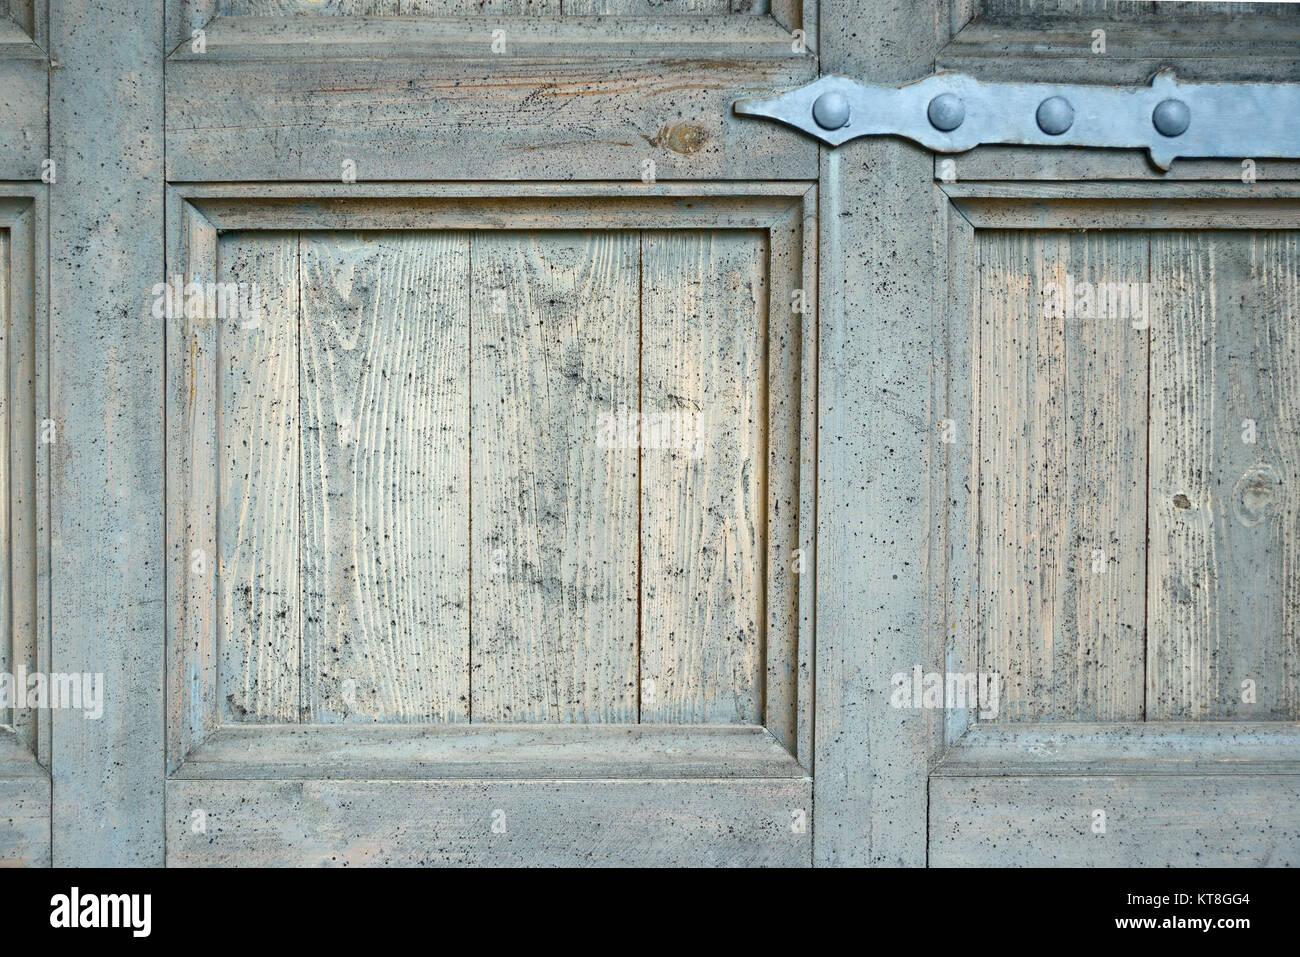 Vieille Porte En Bois Ancienne charnière de porte ancienne sur la vieille porte en bois